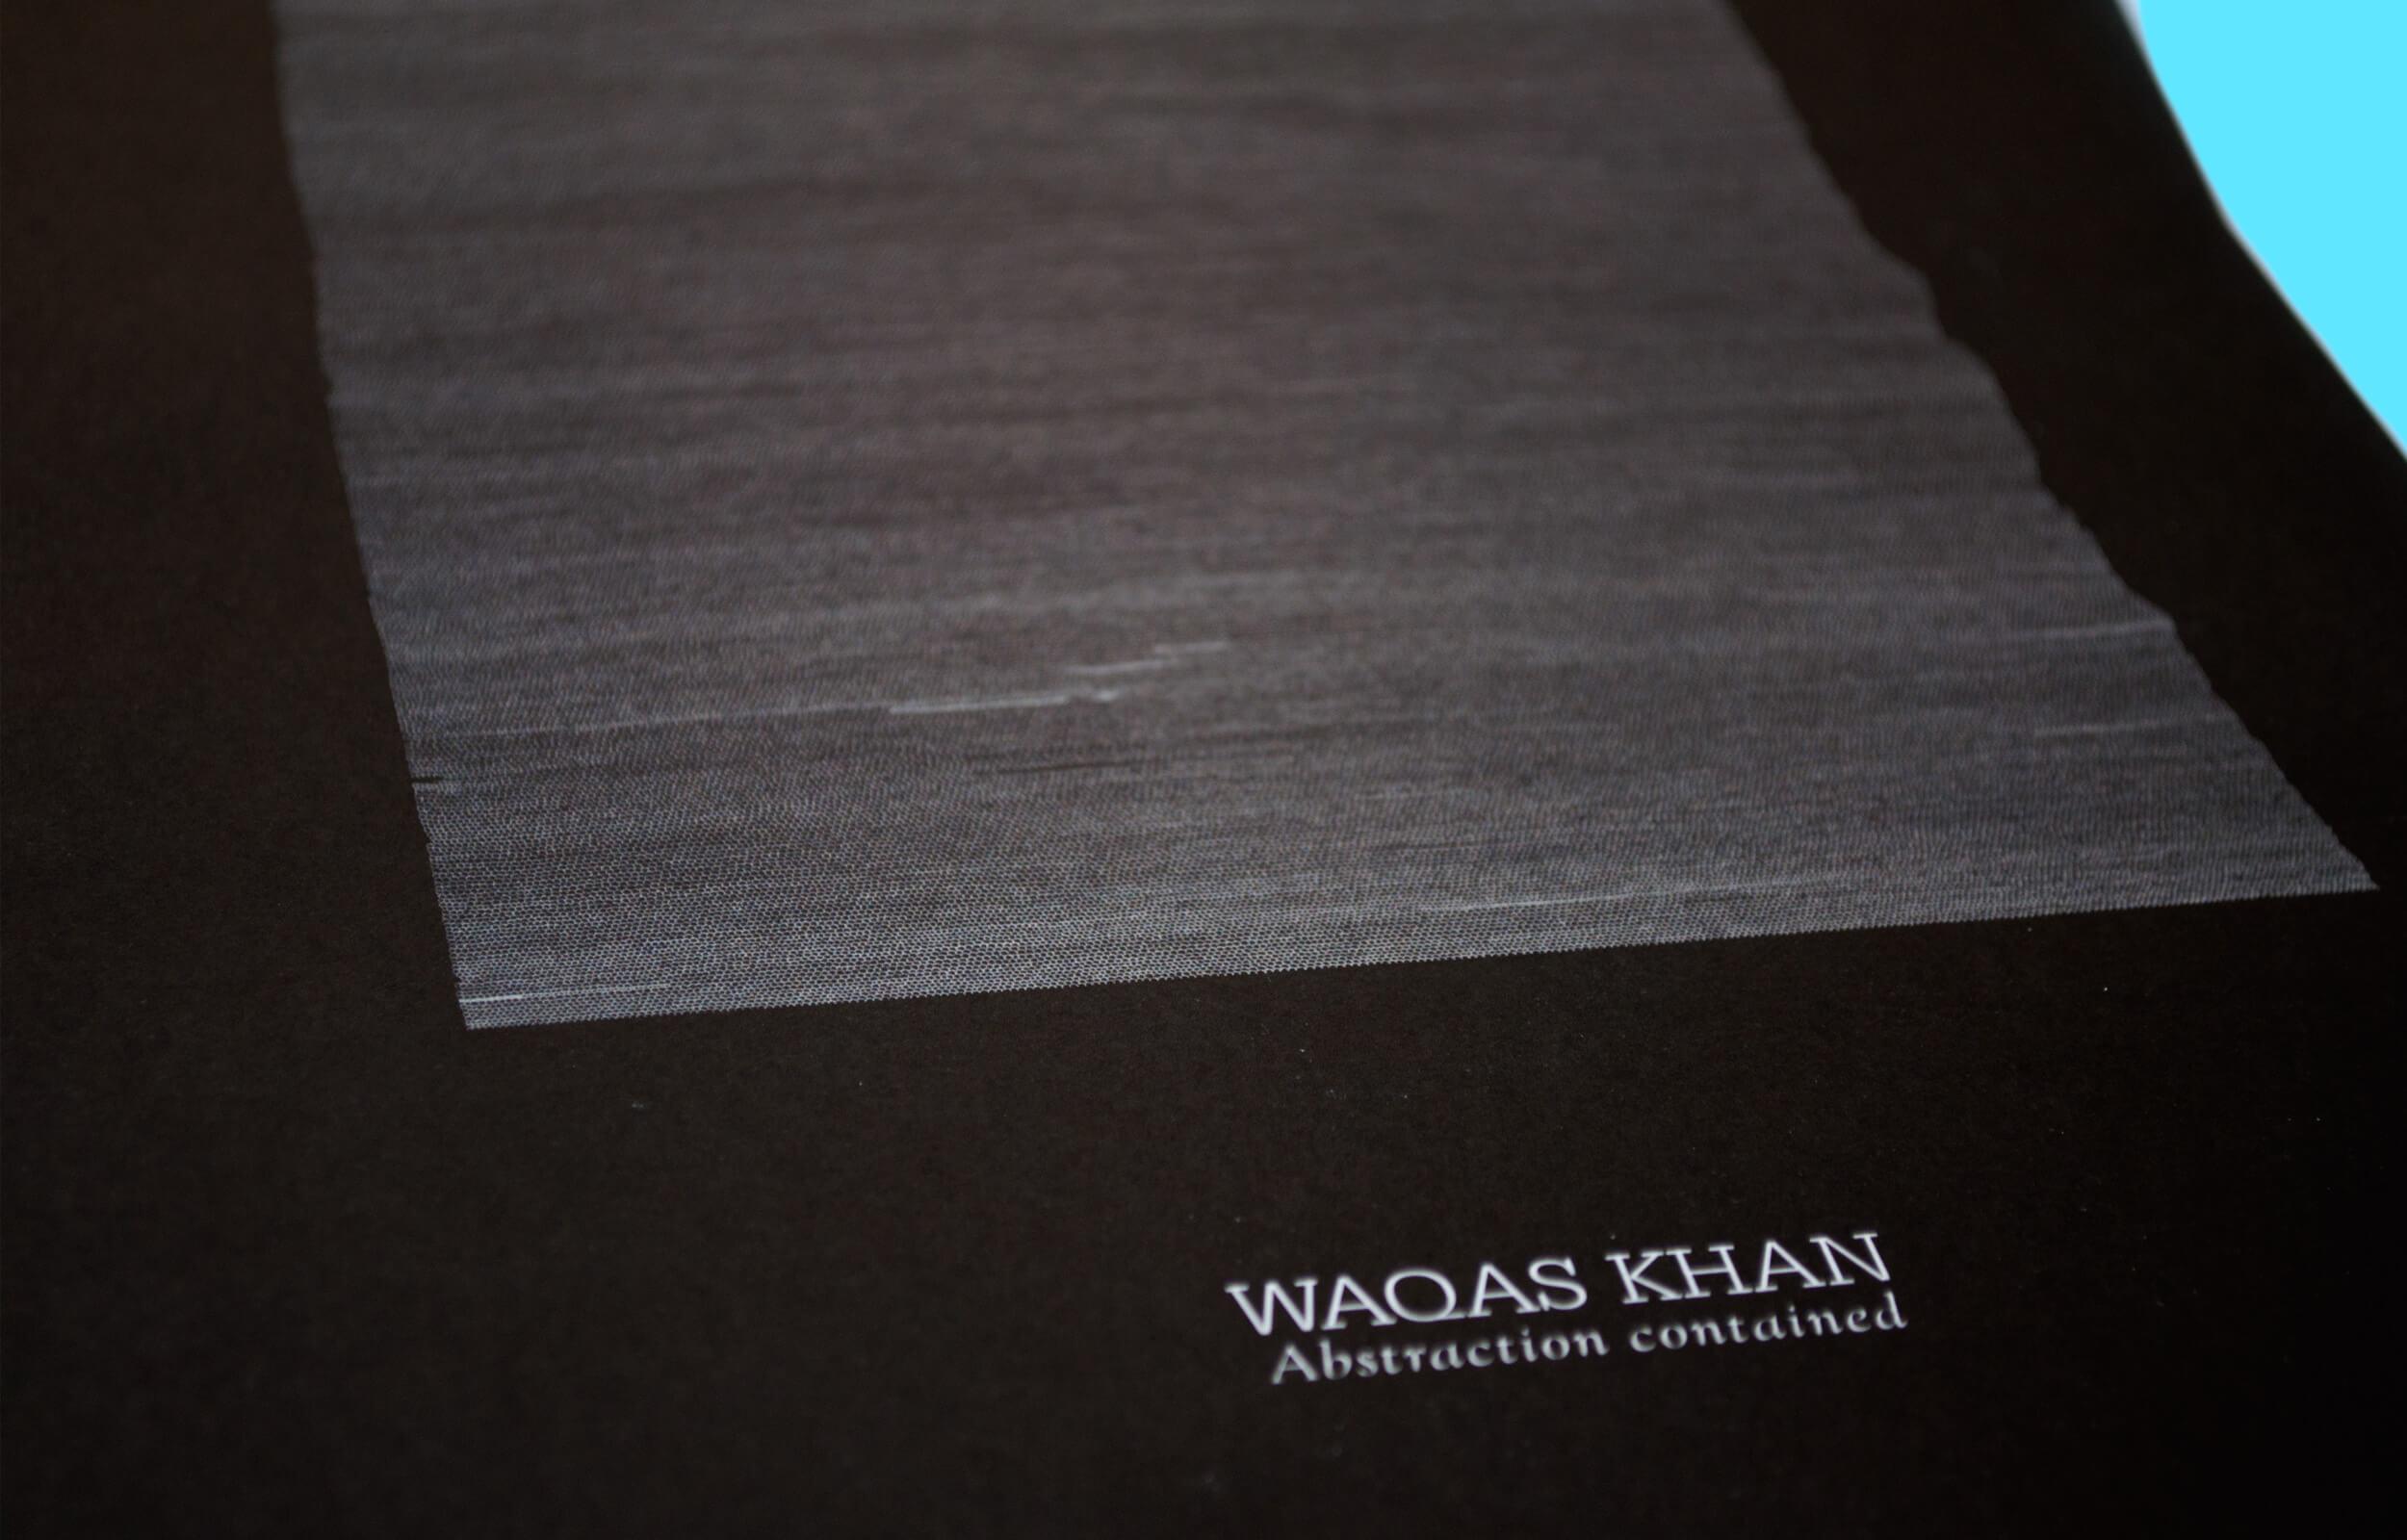 """Detalle de portada del libro """"Abstraction Contained"""" del artista Pakistaní Waqas Khan para la galería Sabrina Amrani"""